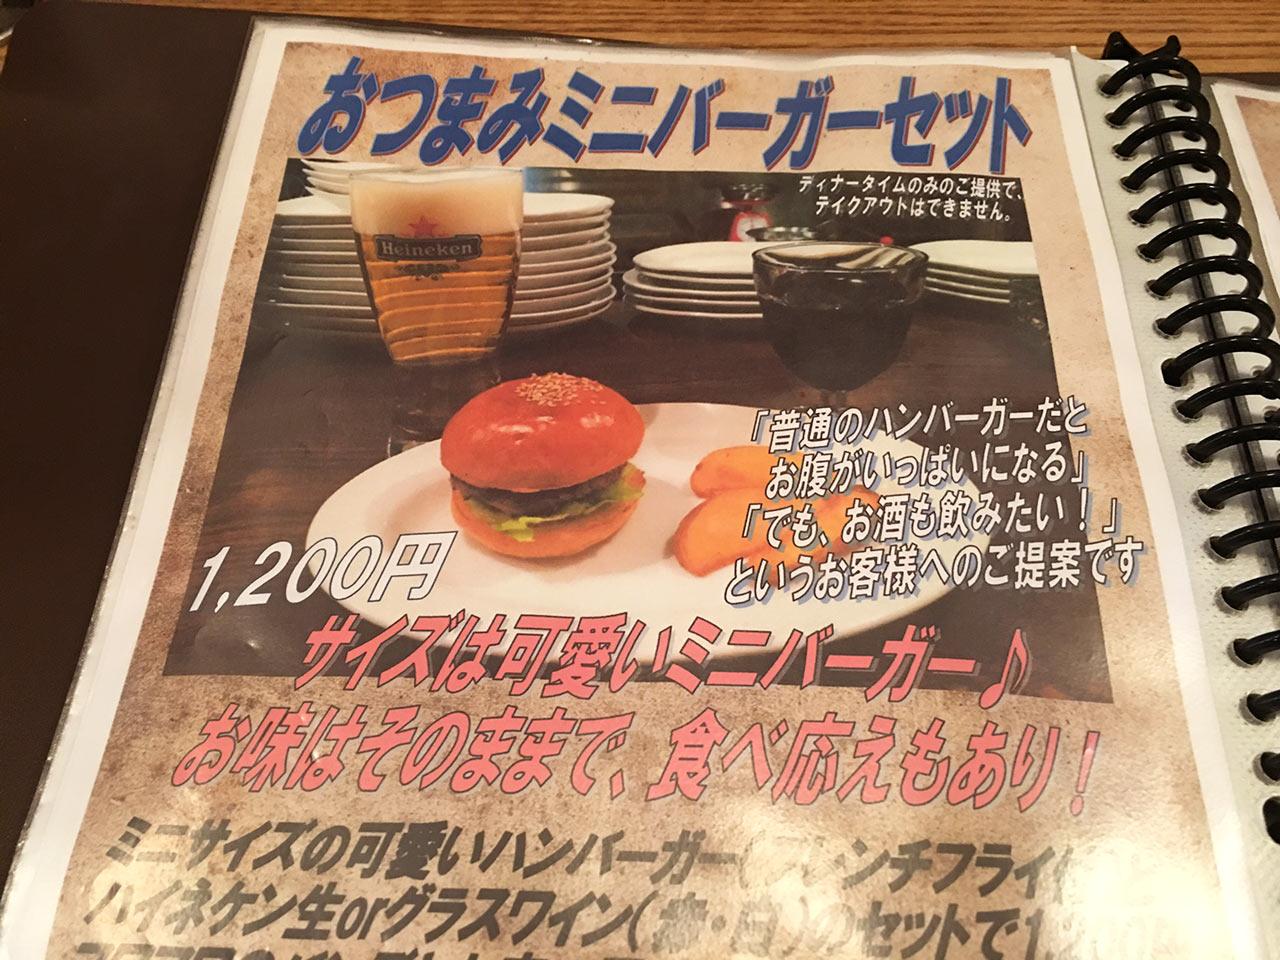 武蔵小山Sherry's Burger Cafeのおつまみバーガーのメニュー